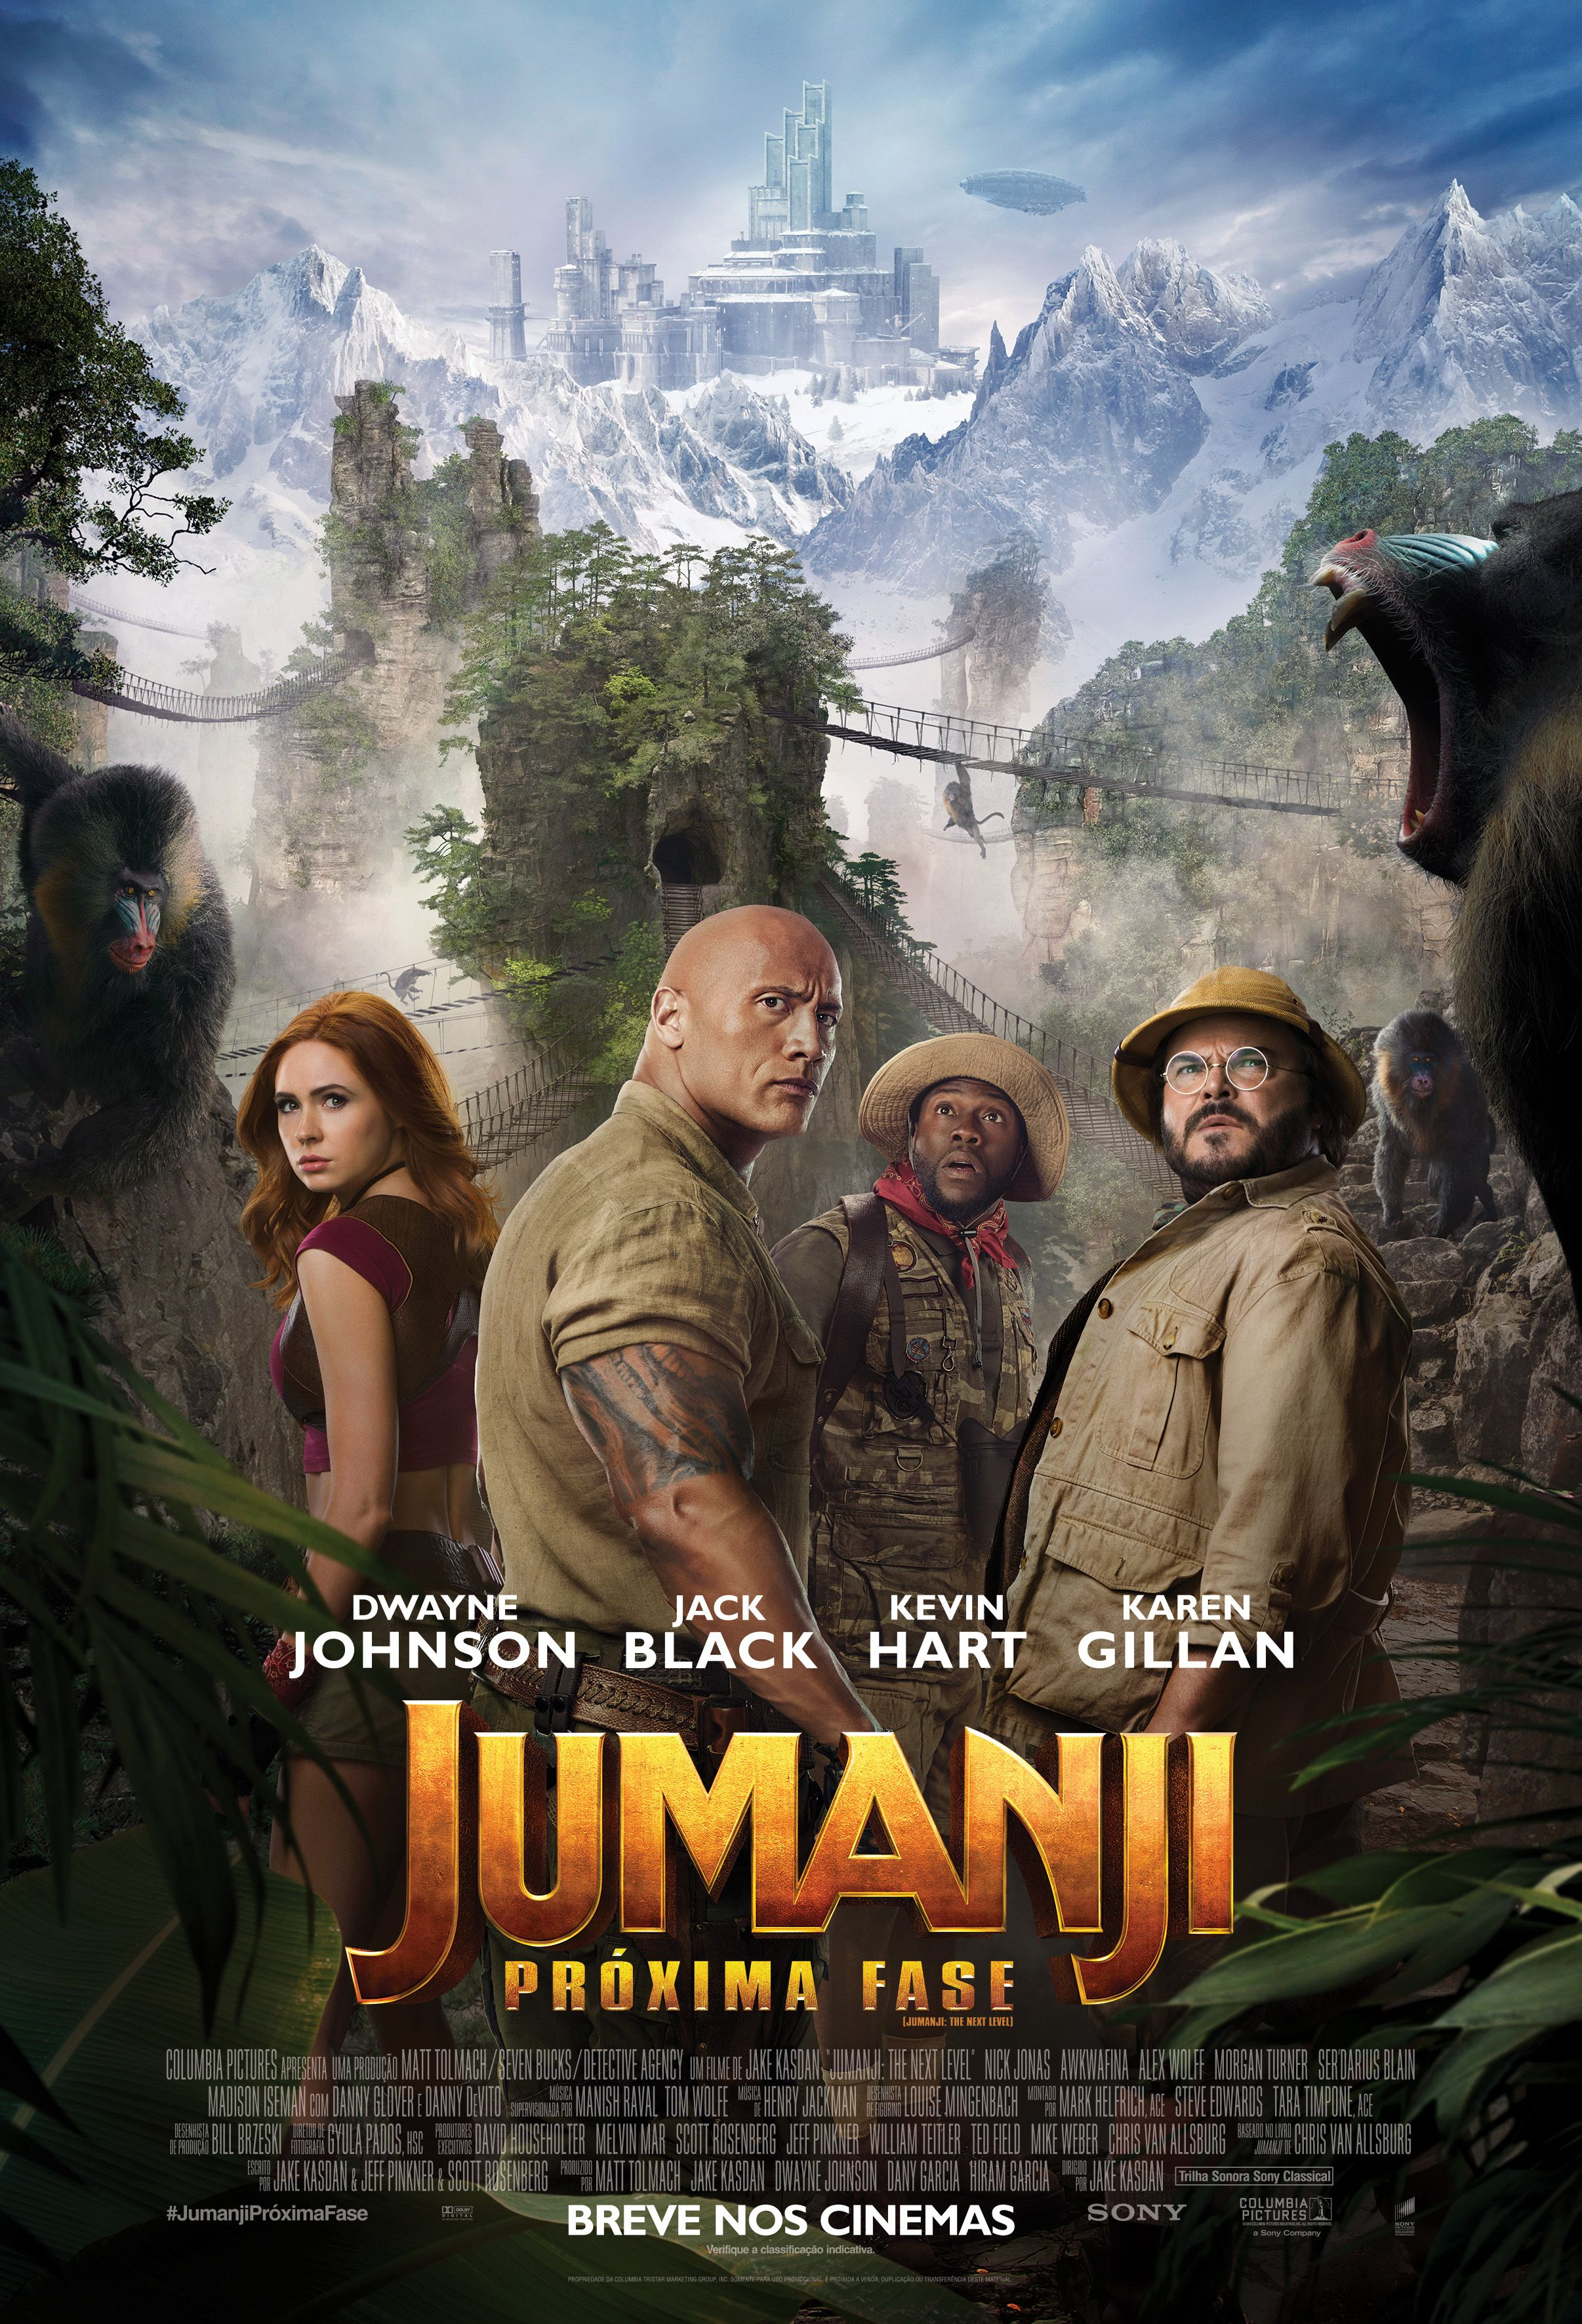 Jumanji Proxima Fase Ganha Novo Poster Com Imagens Assistir